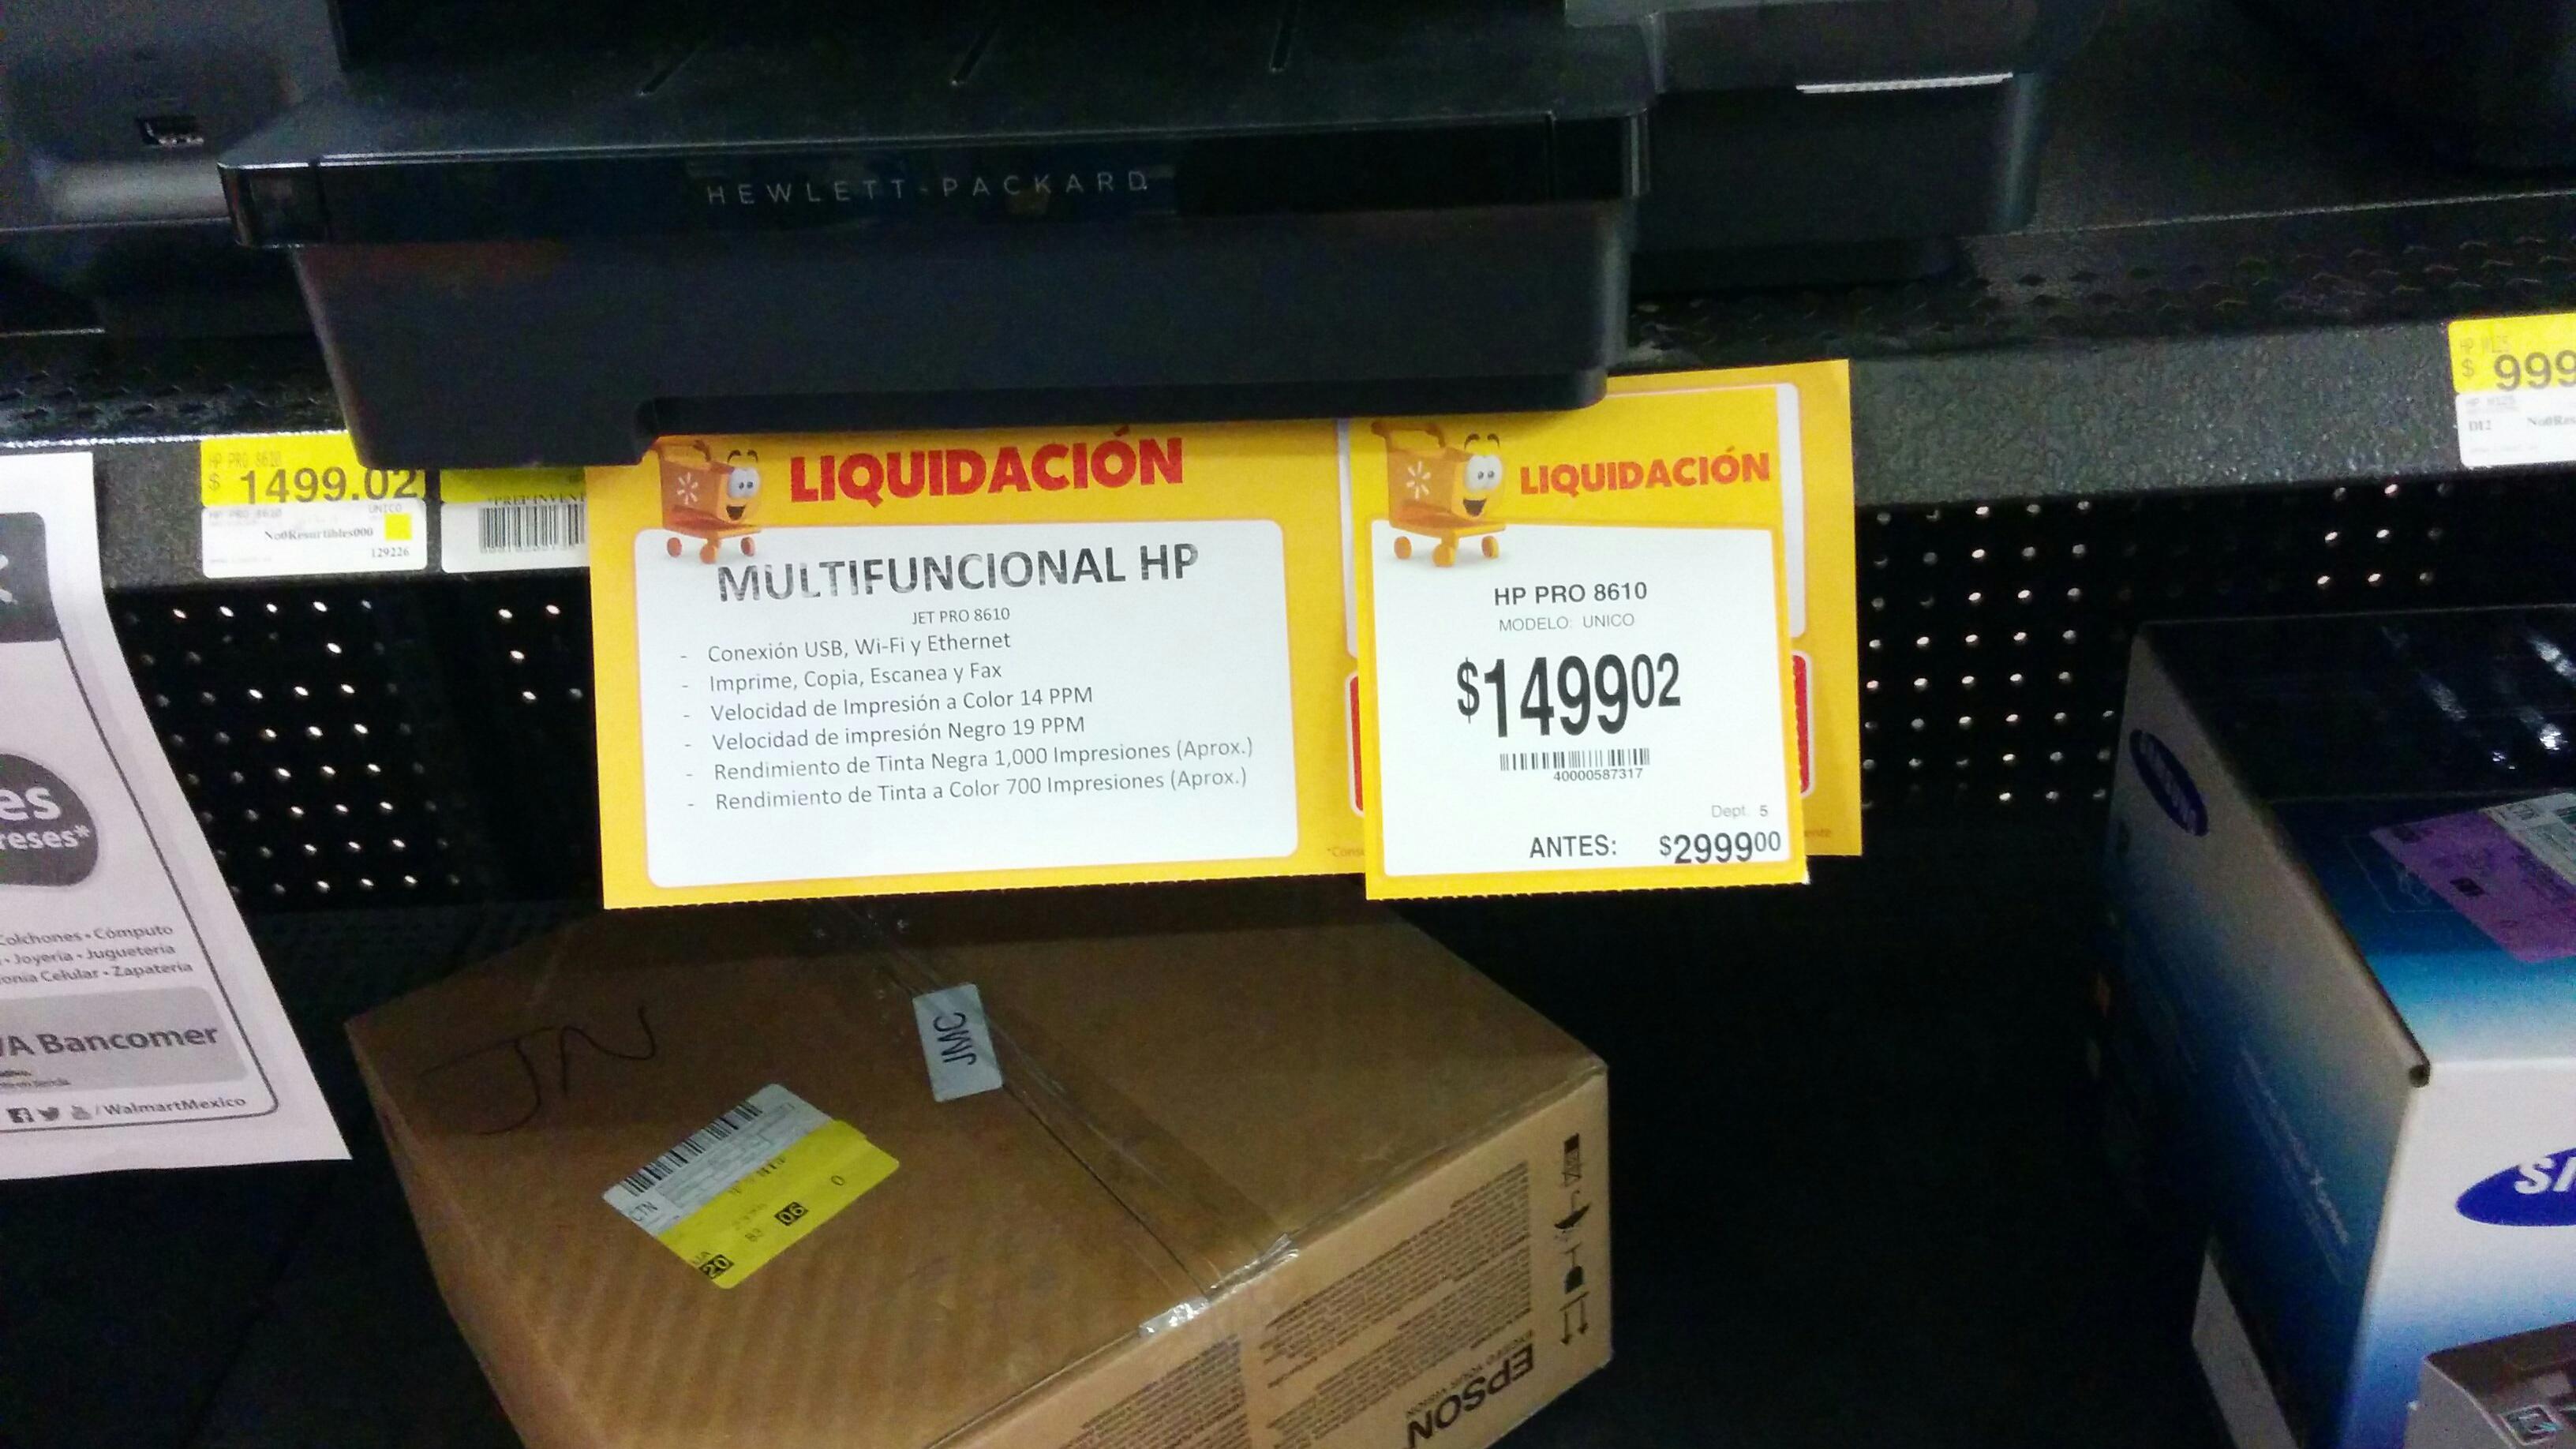 Impresoras 50% desc. Walmart Culiacan. Ejemplo Impresora hp 3545 $799.02